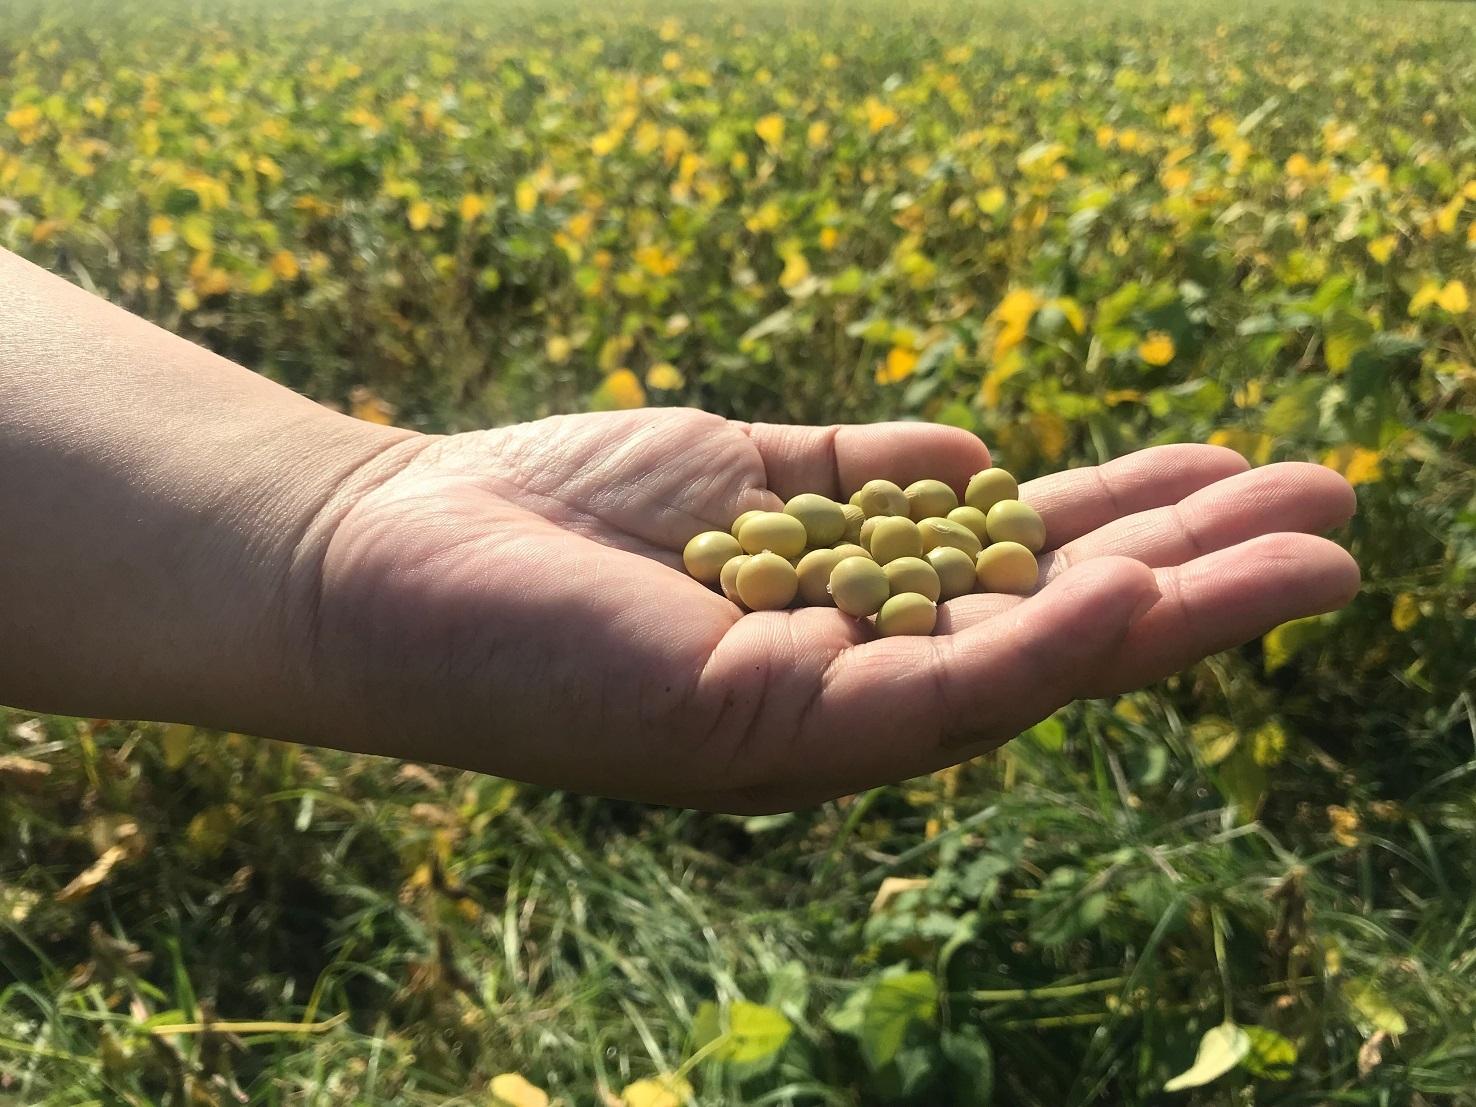 小農特區:粒粒飽滿的高雄九號黃豆